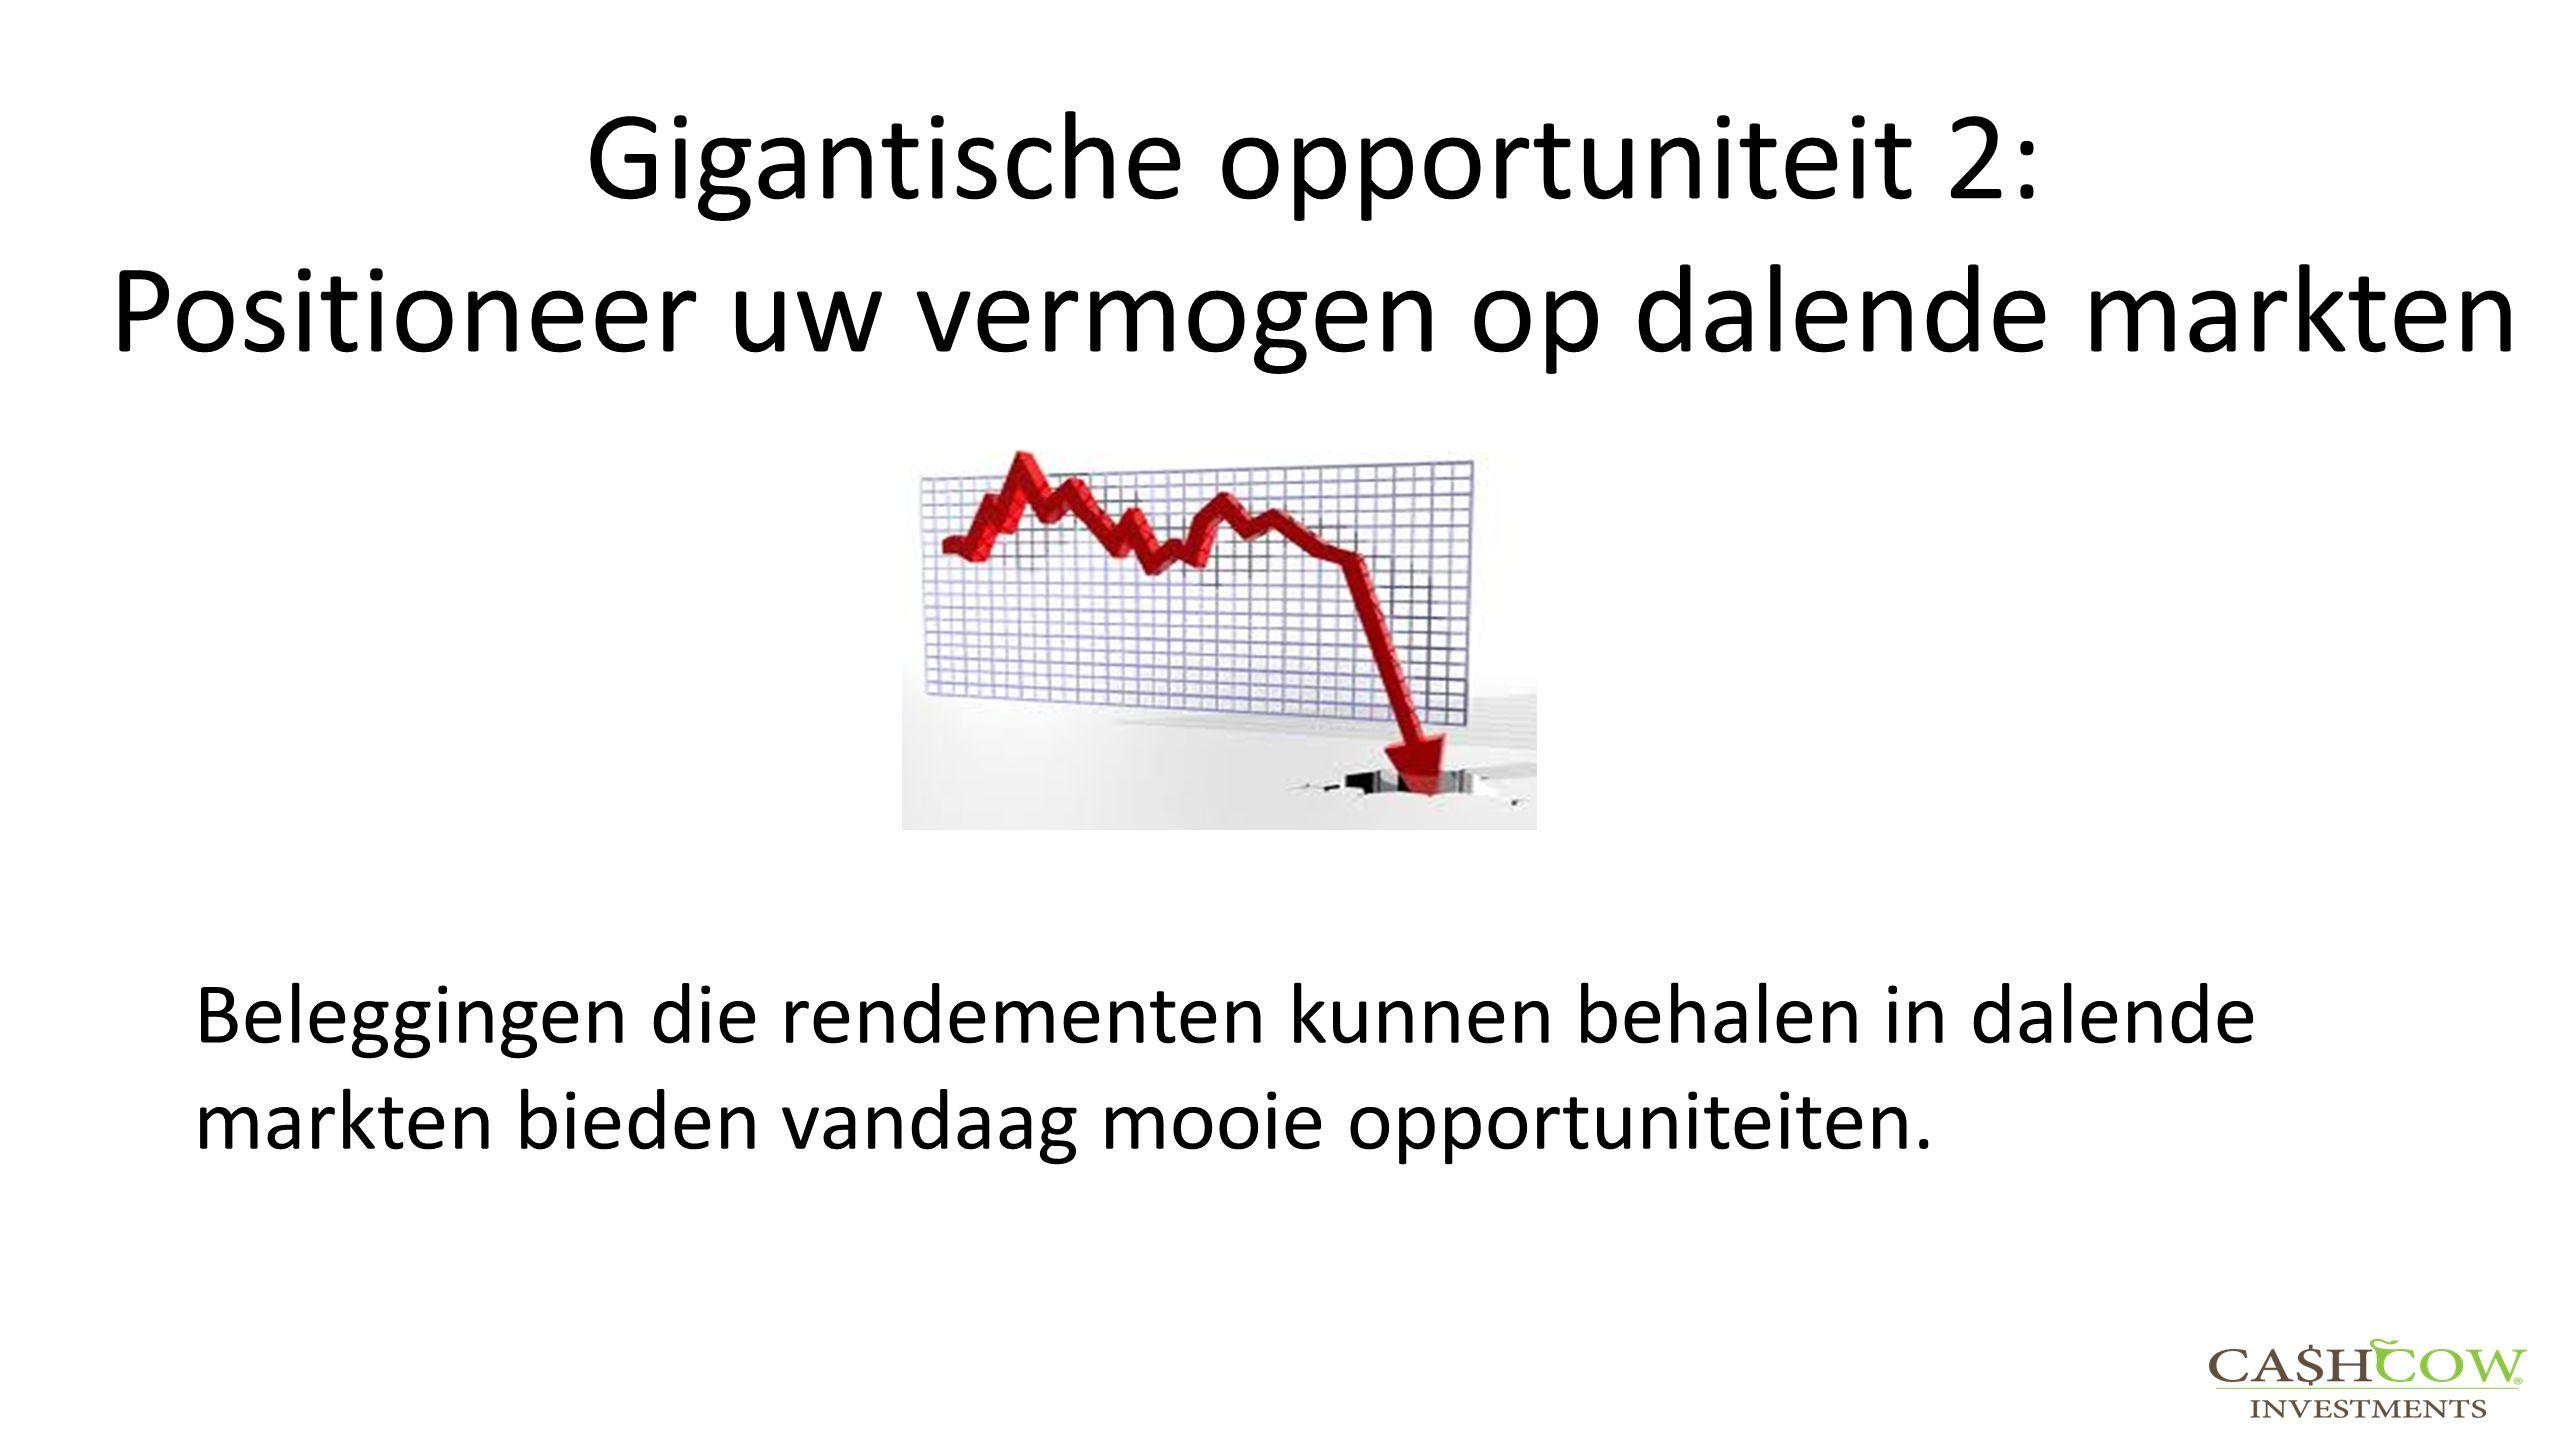 Gigantische opportuniteit 2: Positioneer uw vermogen op dalende markten Beleggingen die rendementen kunnen behalen in dalende markten bieden vandaag m